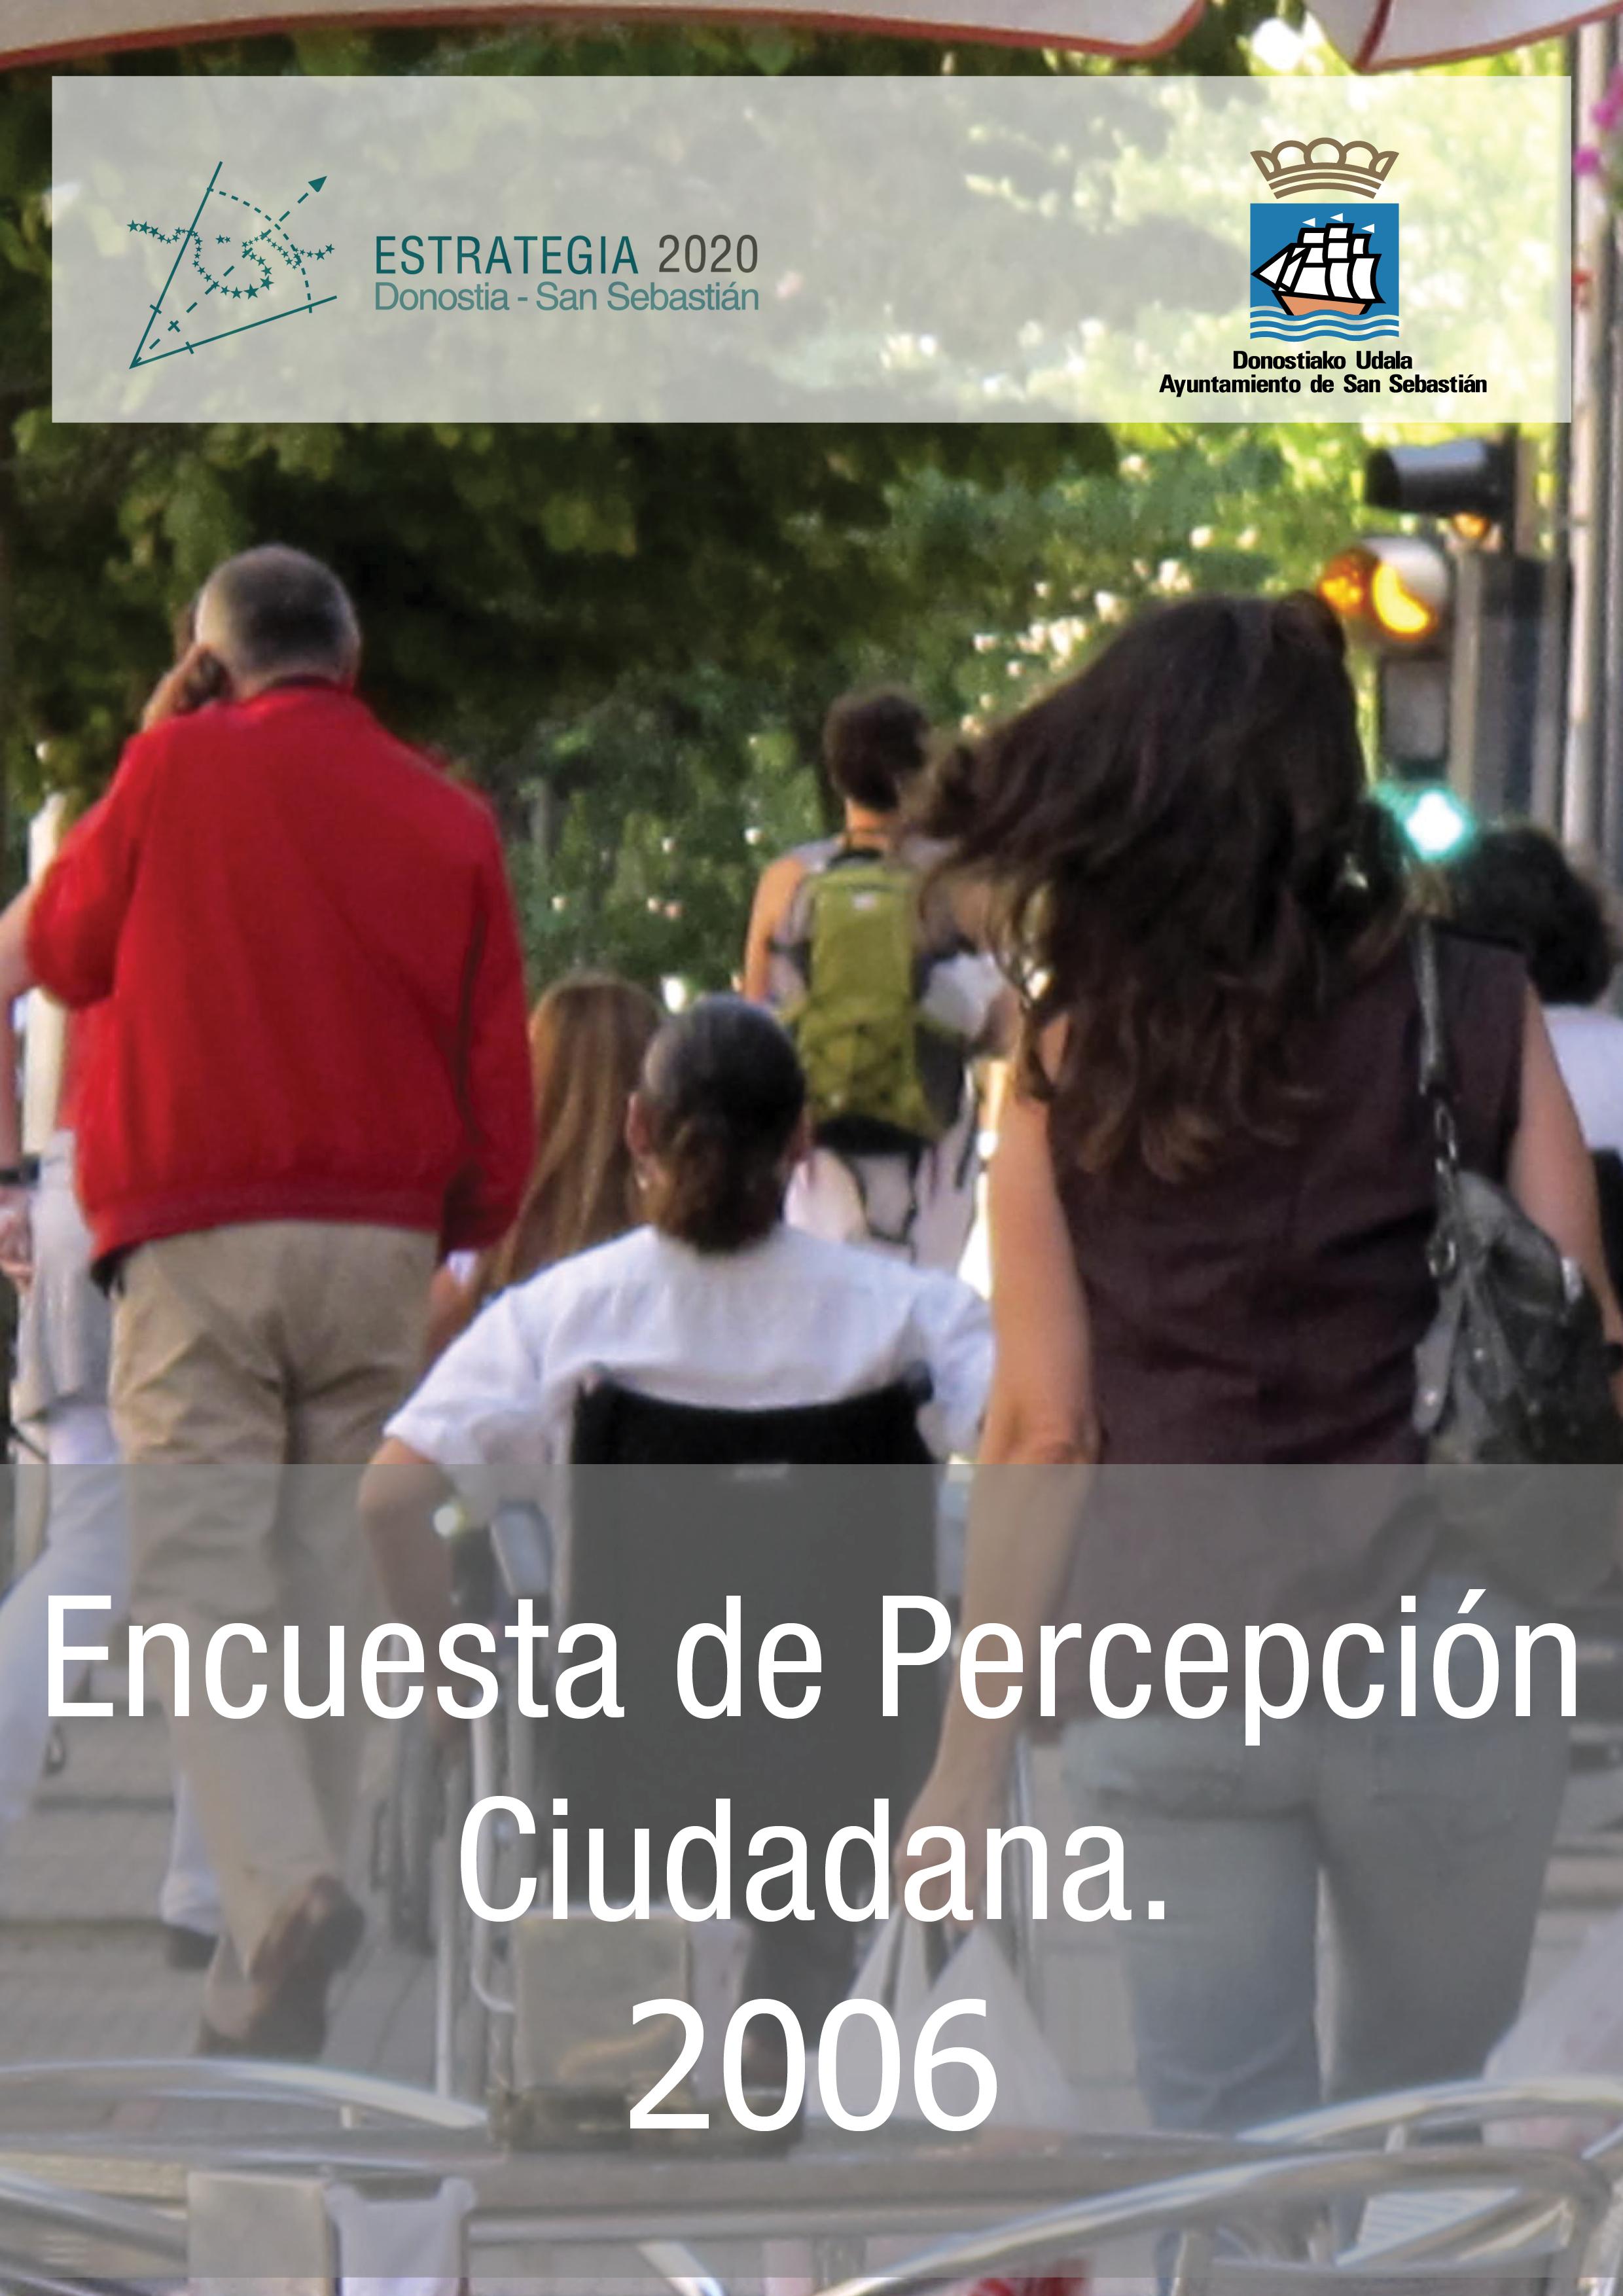 Encuesta de Percepción Ciudadana. 2006